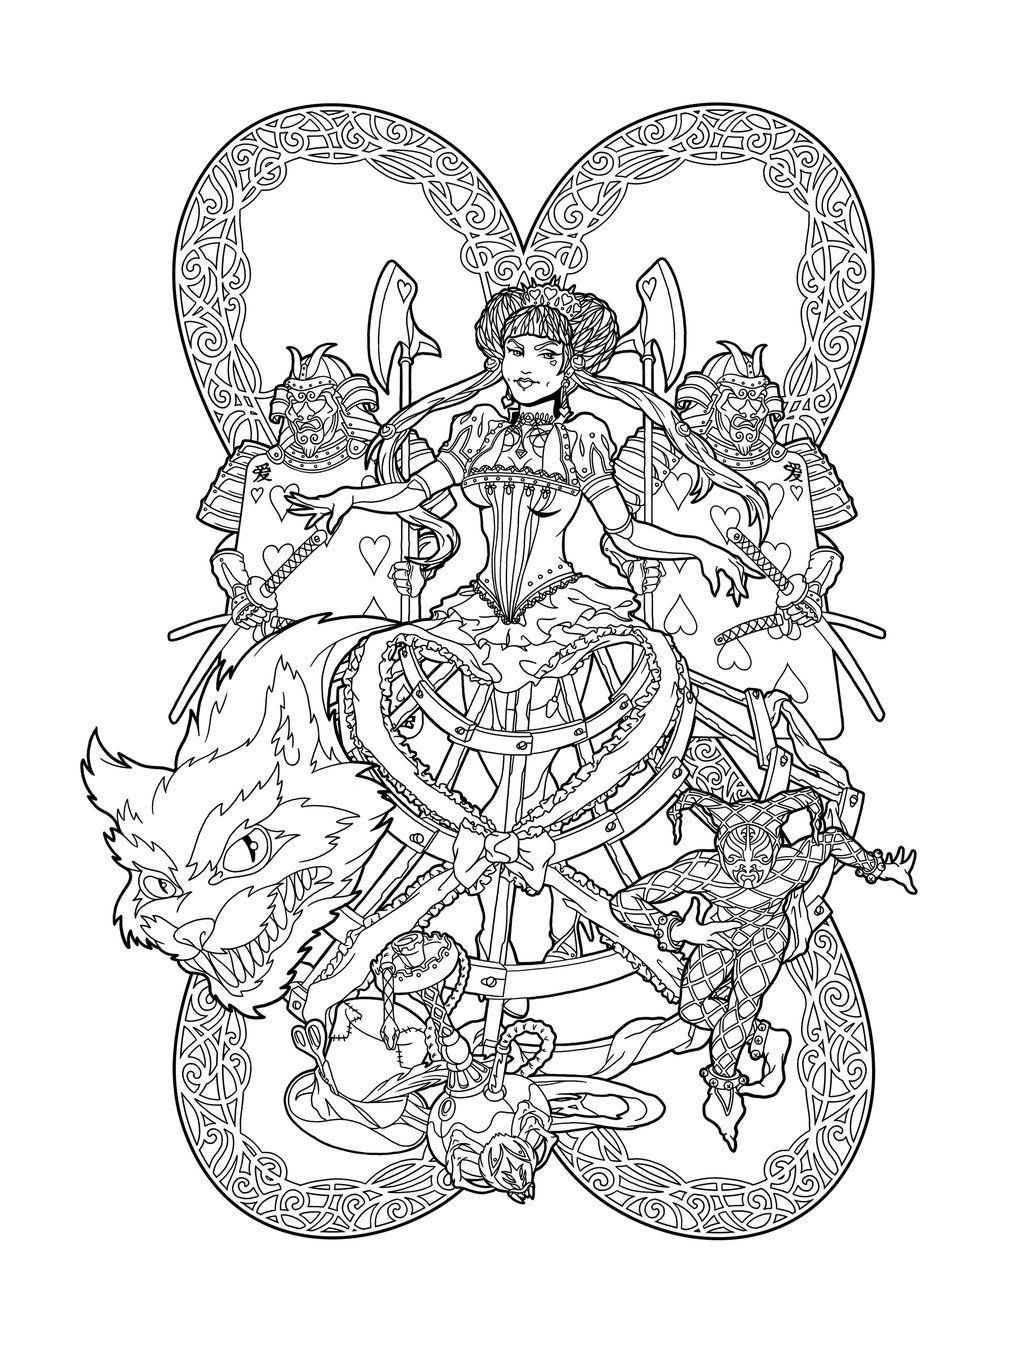 Red Queen of Wonderland lines by deviantAshtareth ...